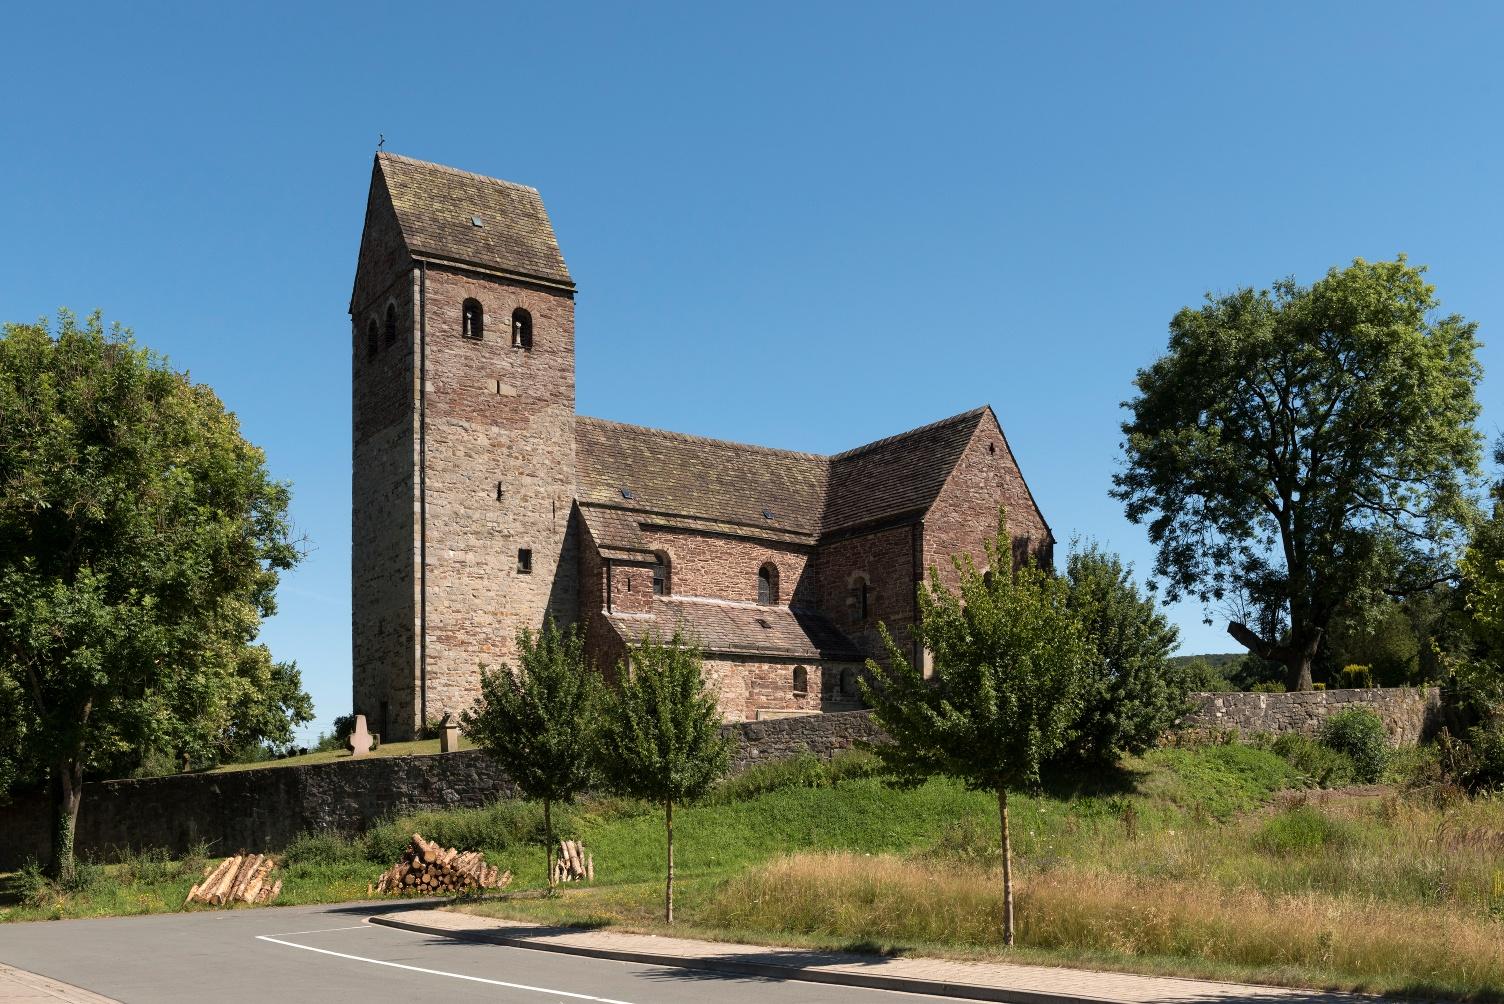 St. Kilianskirche Lügde